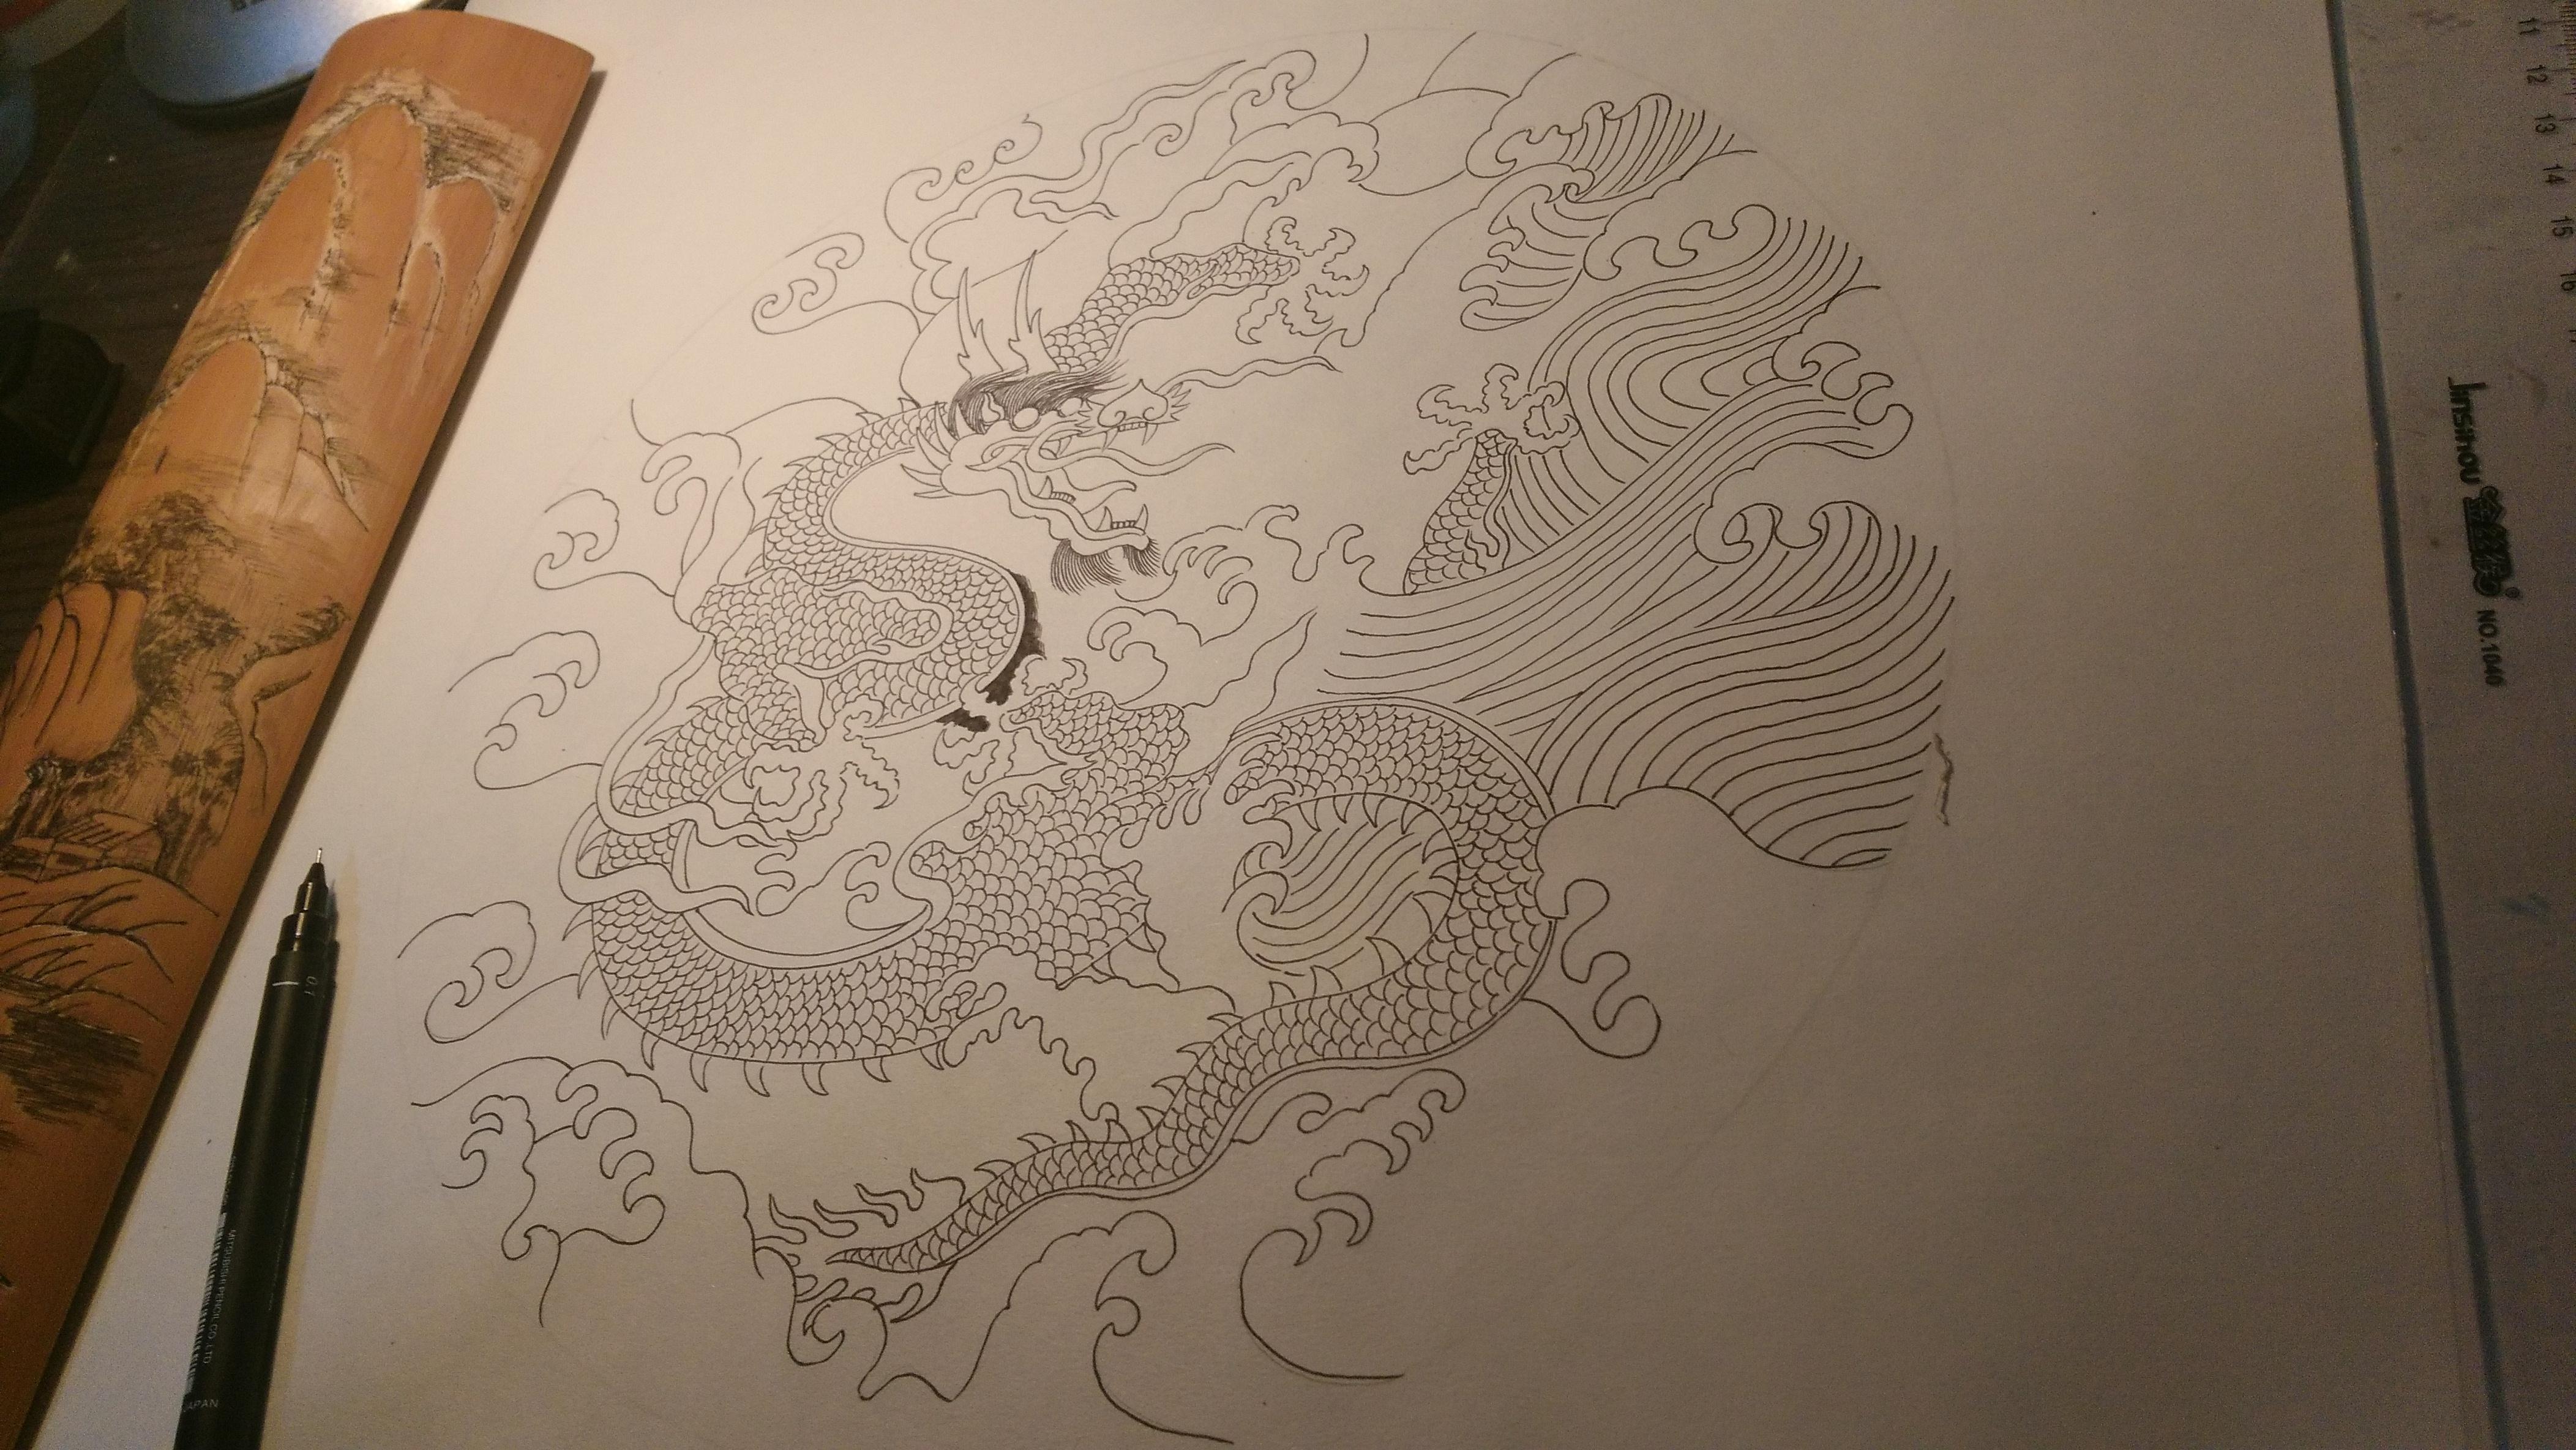 这是我选用明朝青花龙纹盘上的图案,运用钢笔画的形式进行设计创作图片